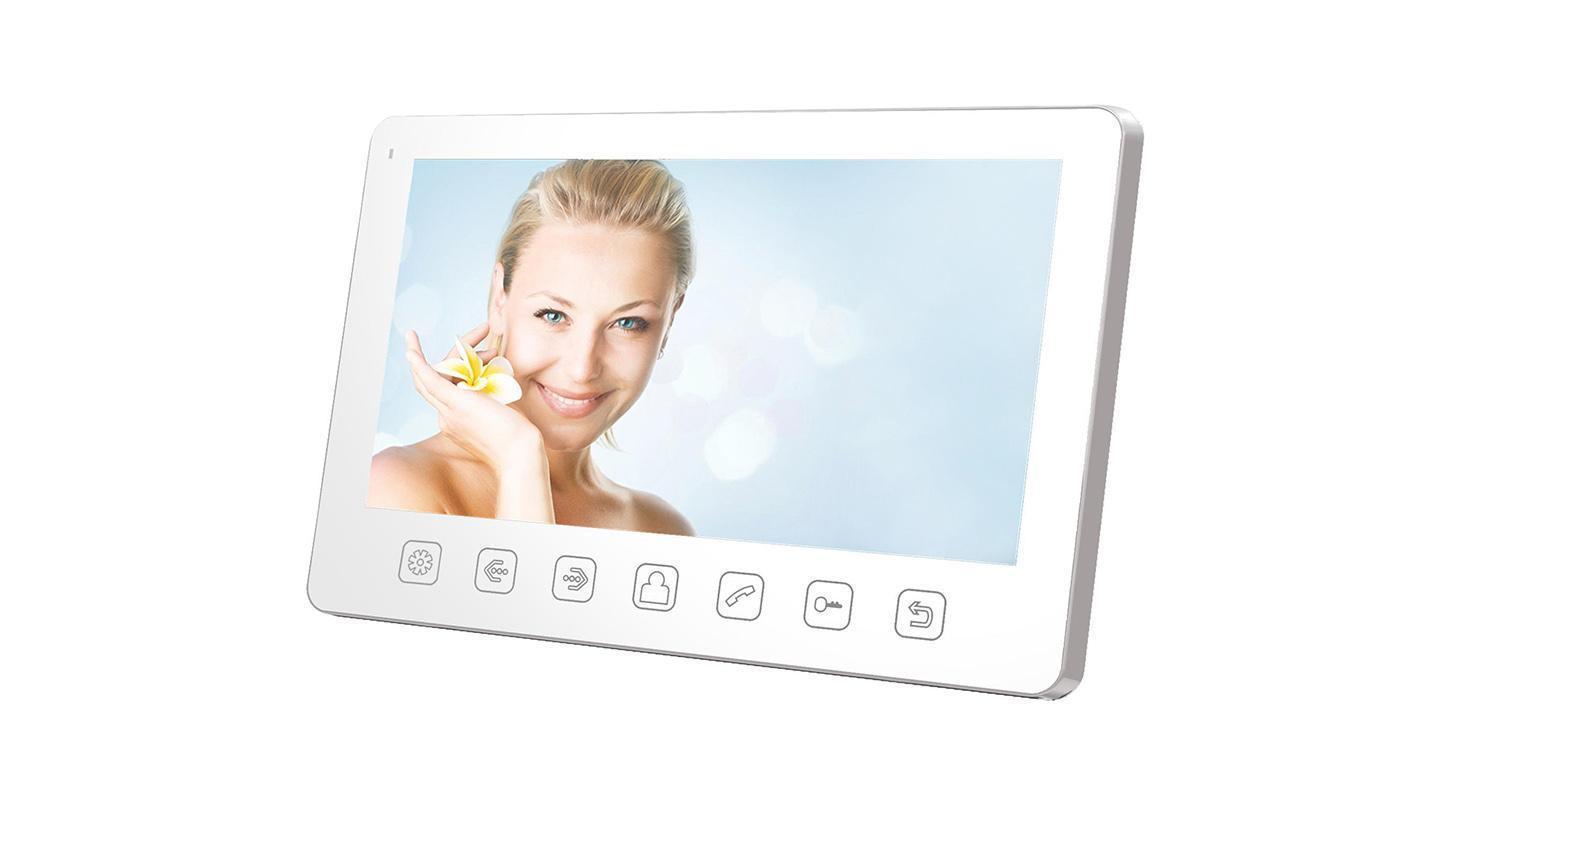 Tantos Amelie Slim, White монитор видеодомофона 00-00016195